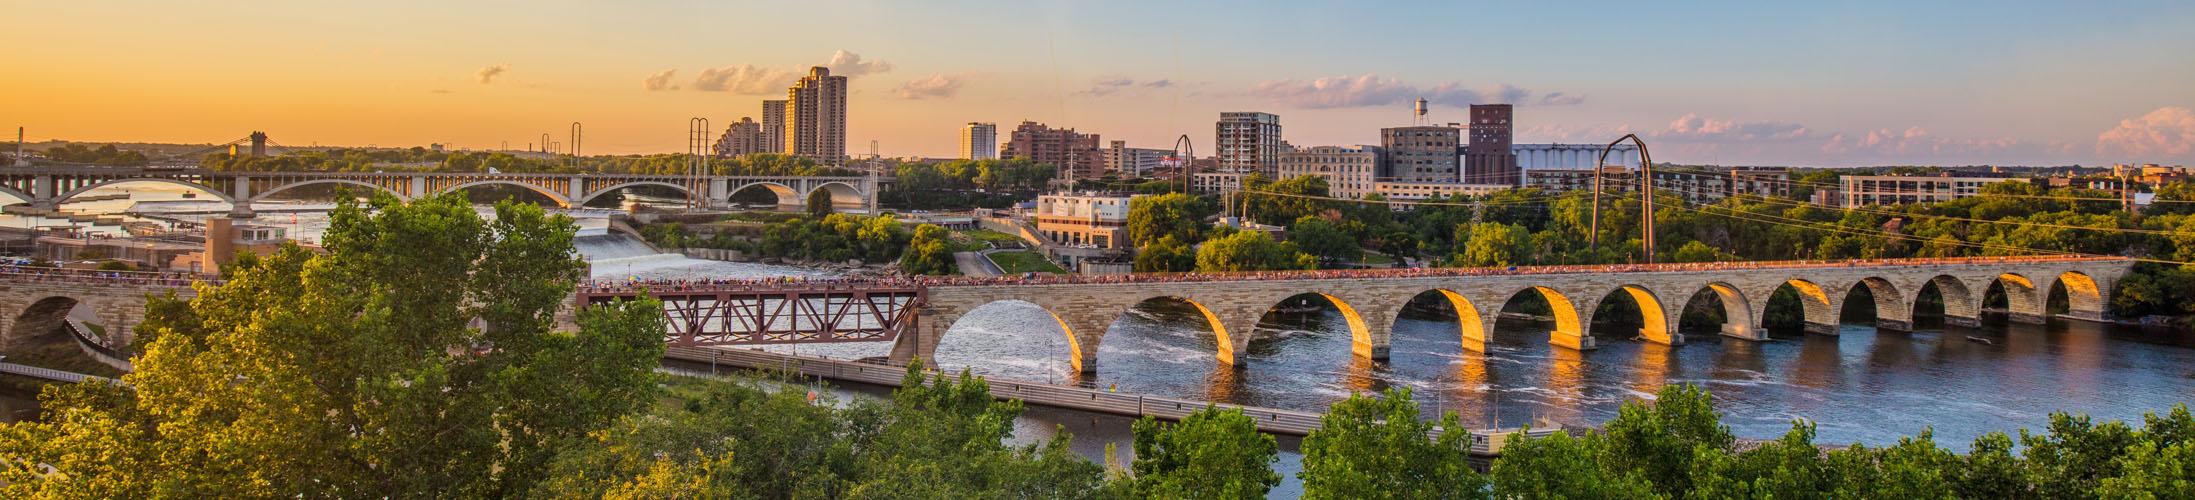 Minneapolis Advisor 401k Rollover